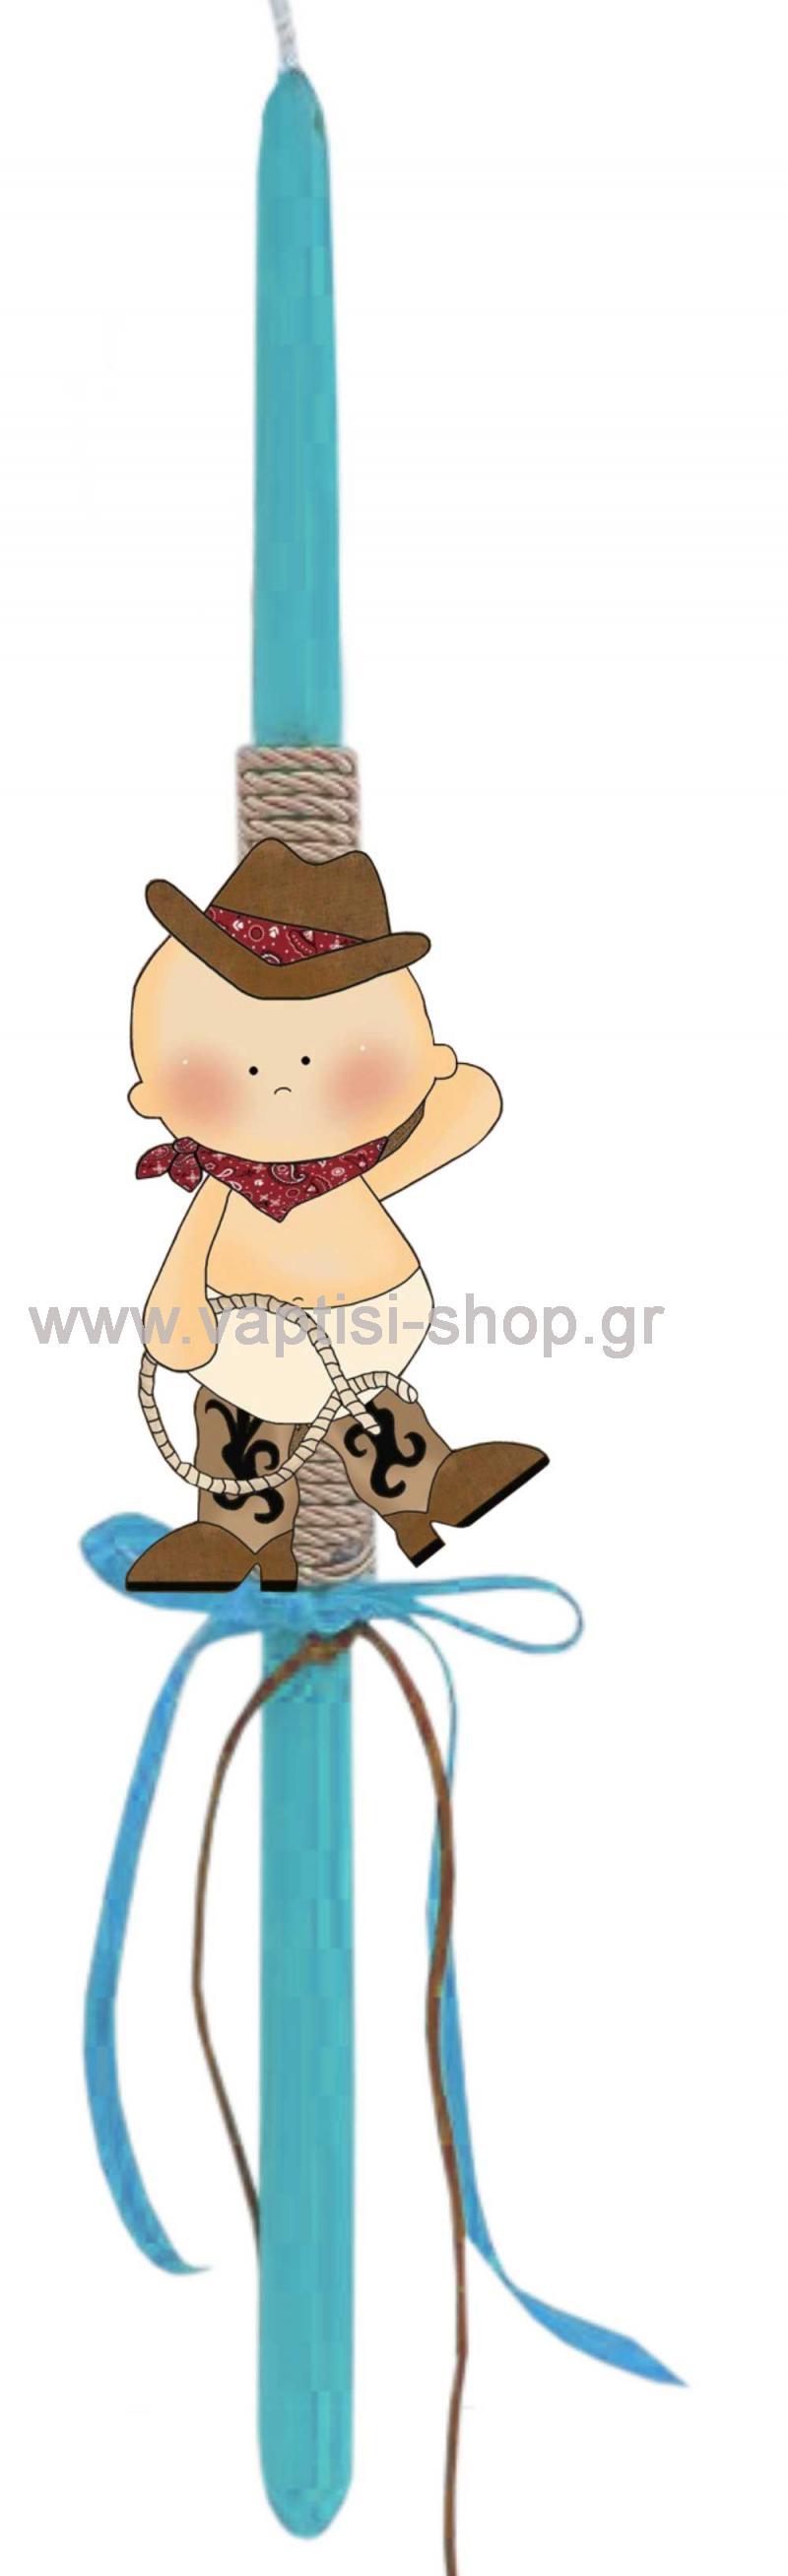 Πασχαλινή Λαμπάδα Cowboy